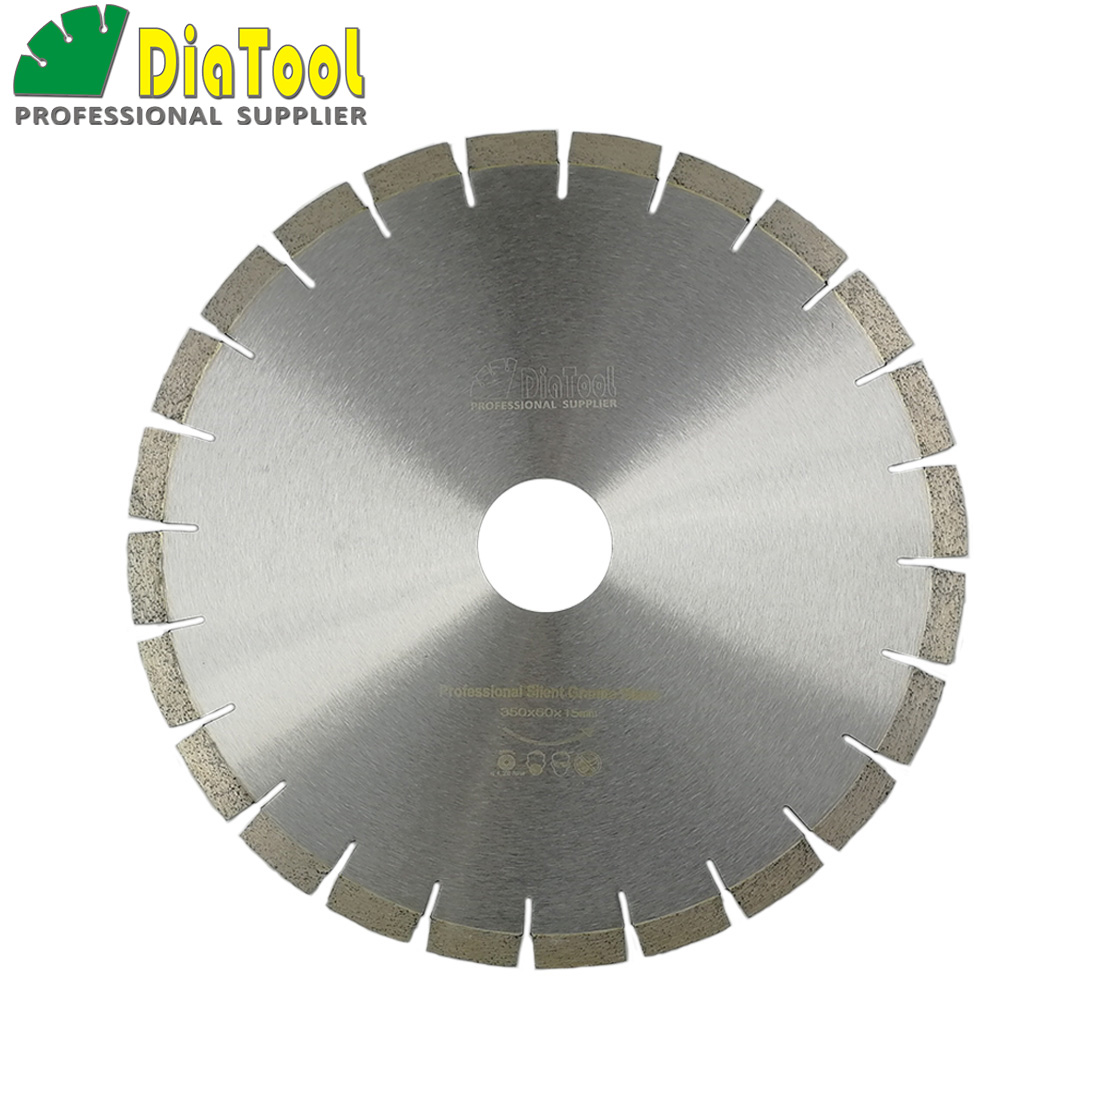 DIATOOL 1 pc 14 pouces 370mm qualité professionnelle diamant silencieux lames de scie granit Sandwich acier noyau de coupe humide disque alésage 60 MM